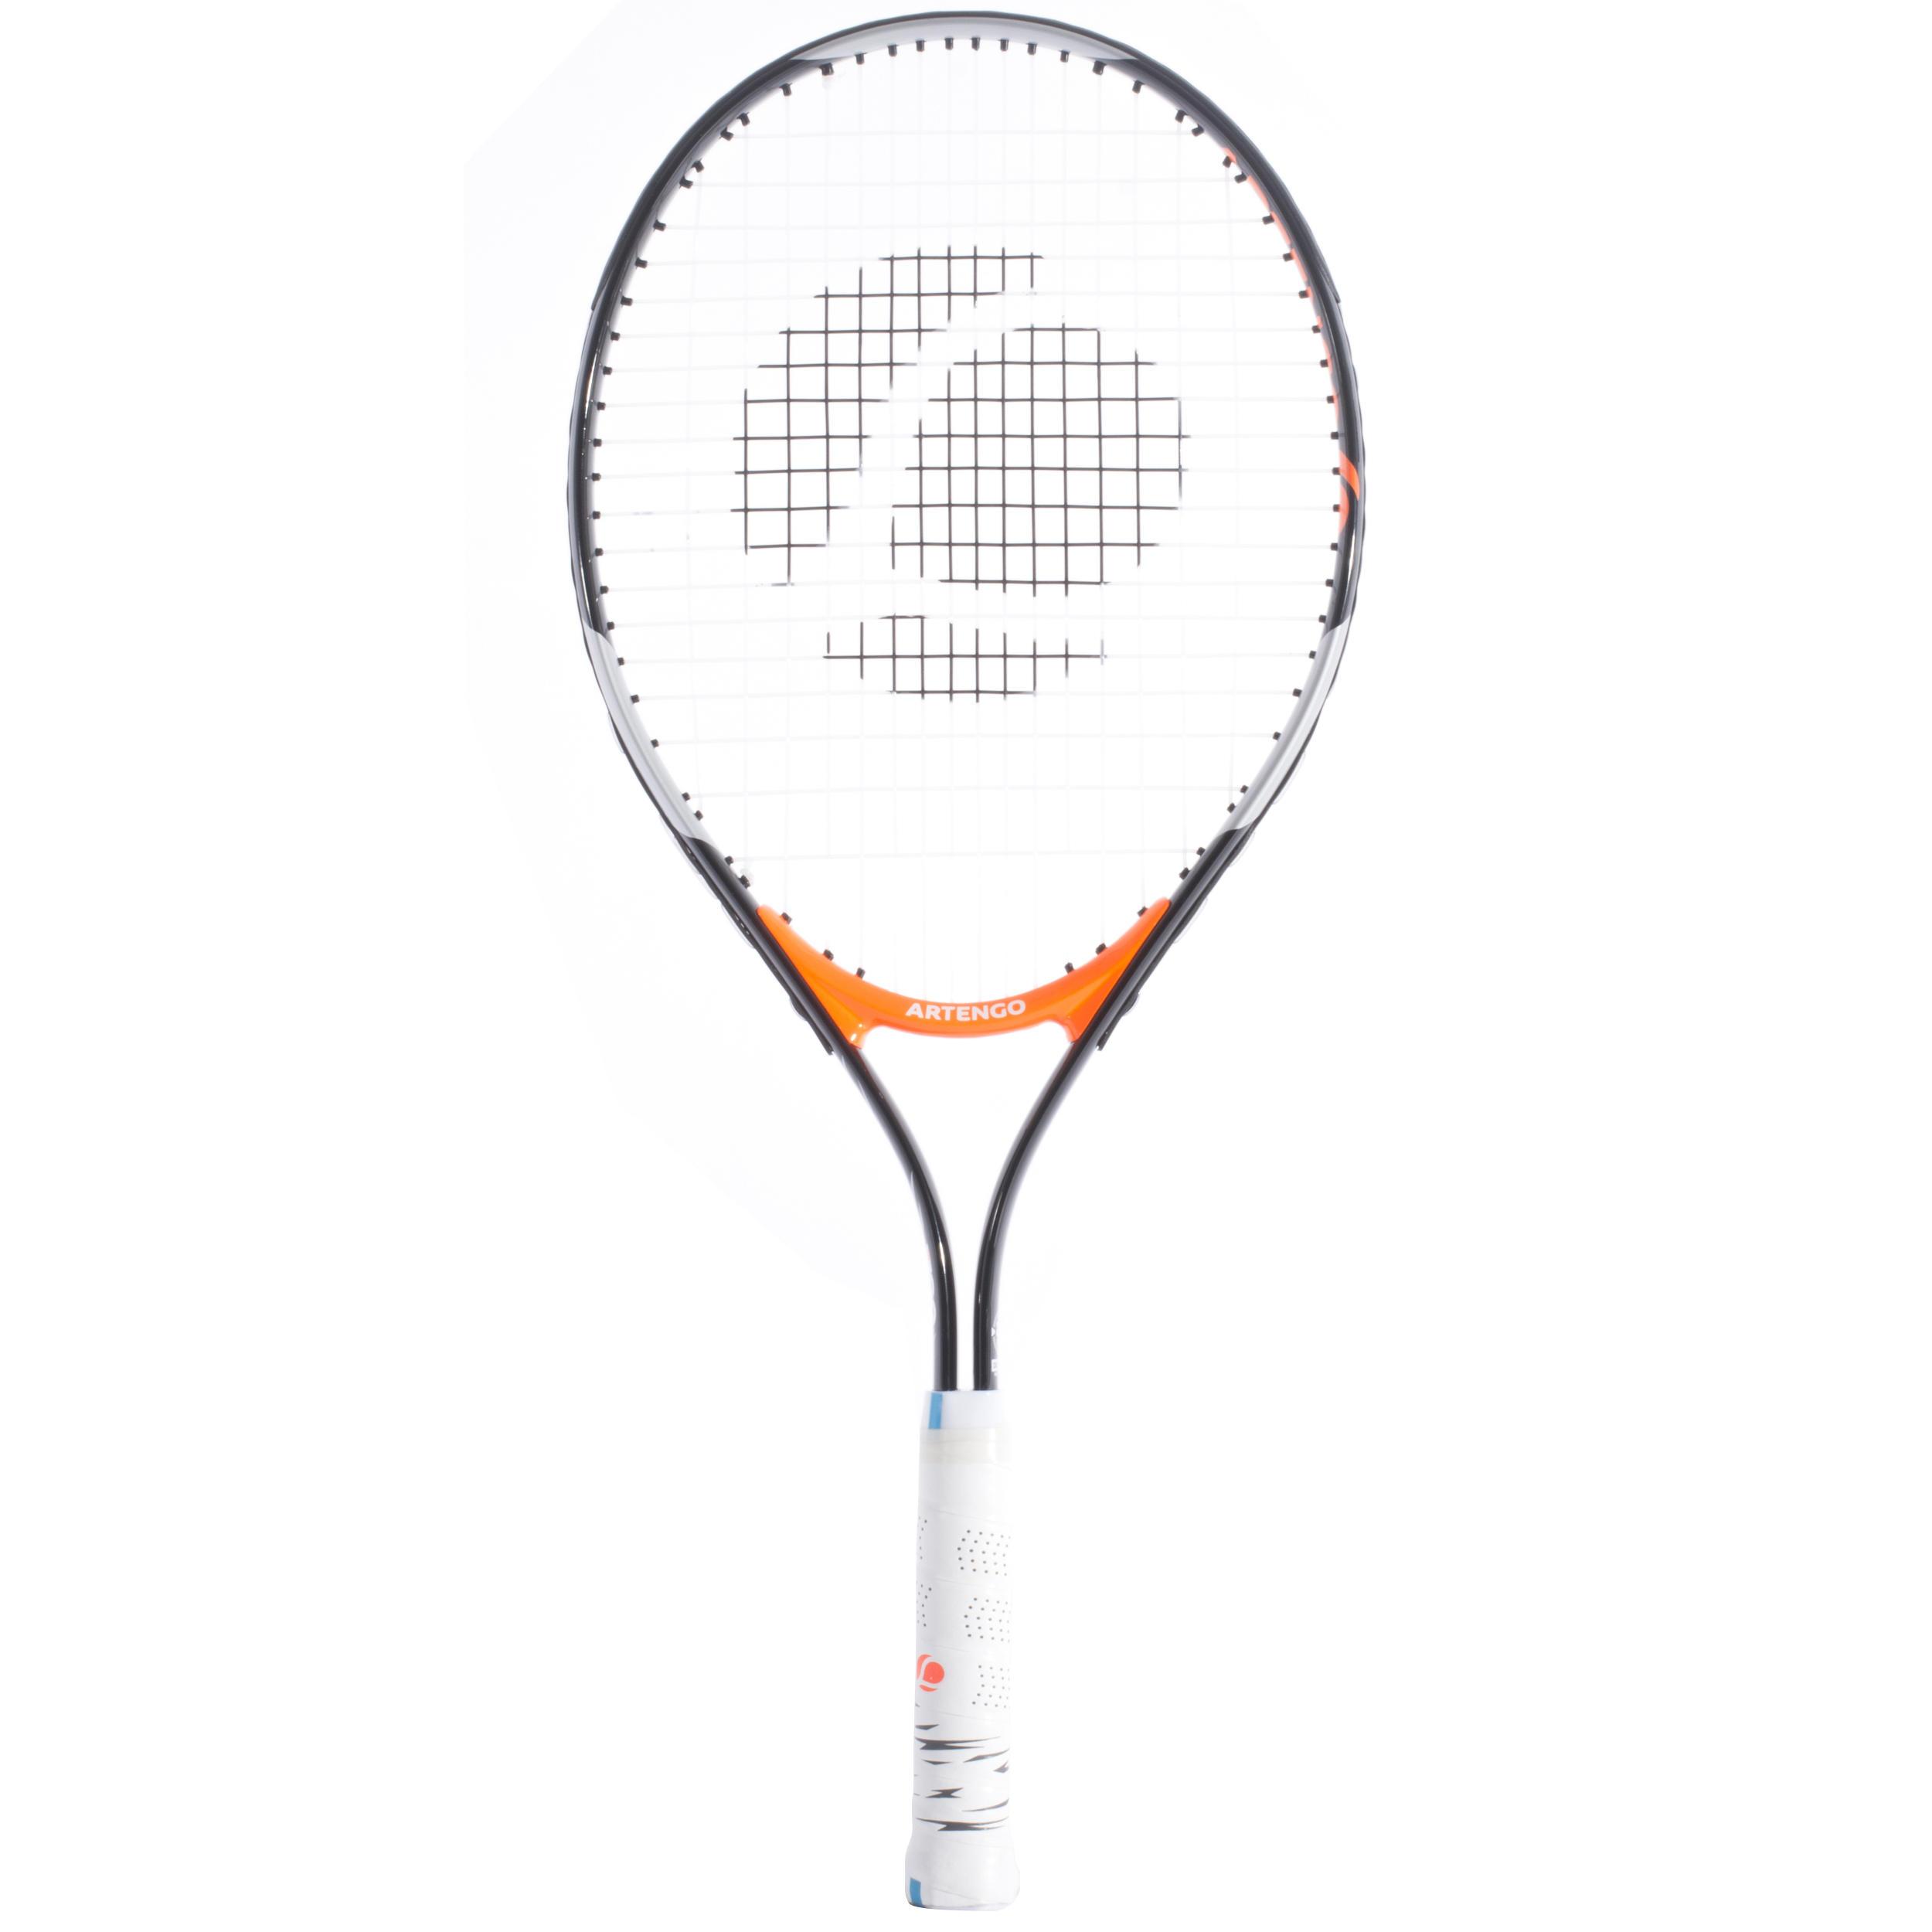 88b73f7e3d5 Comprar Raquetas de Tenis online